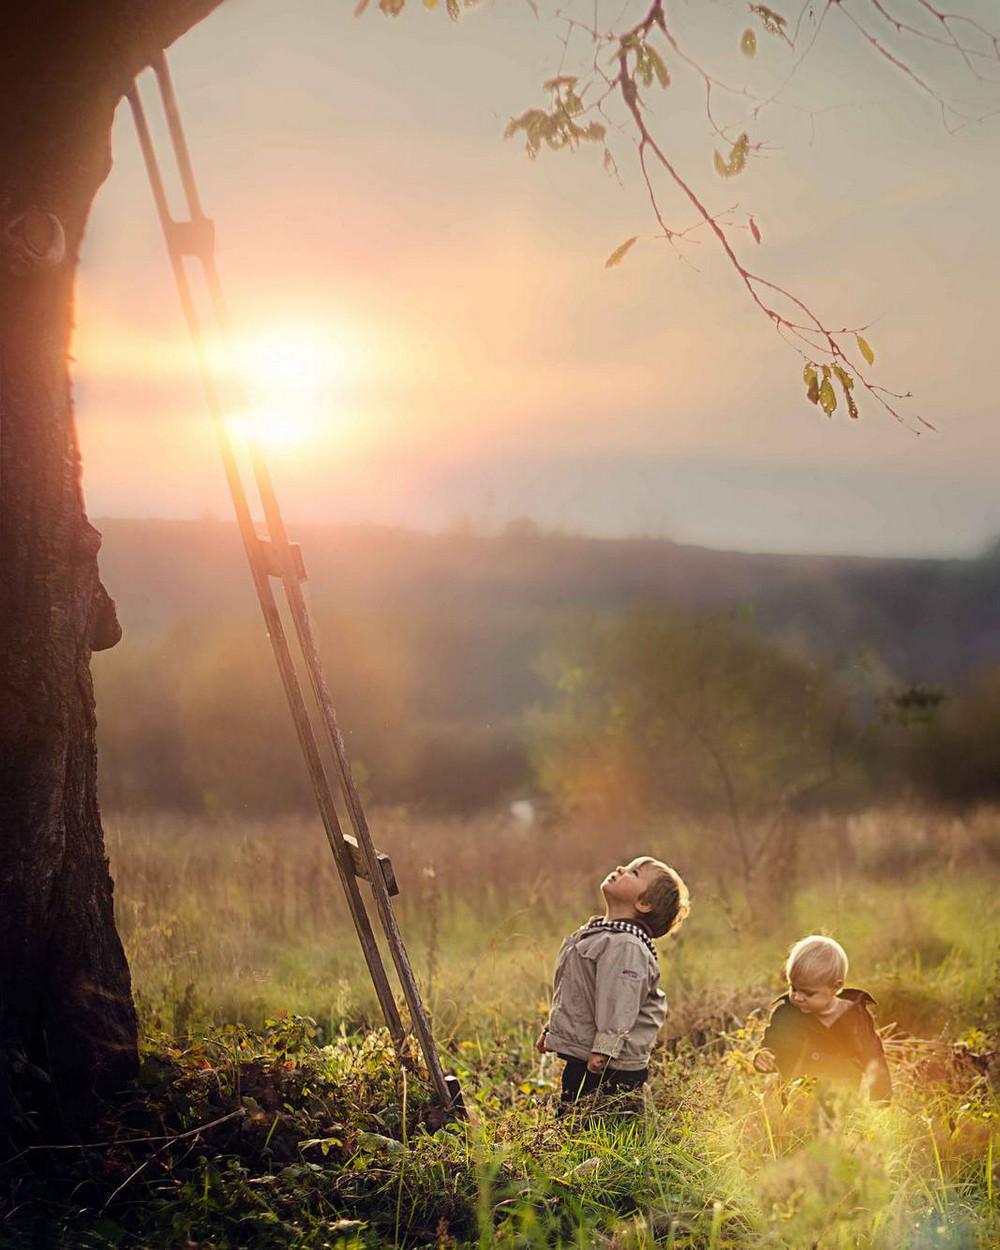 Ивона Подласинска фотографирует детство 2